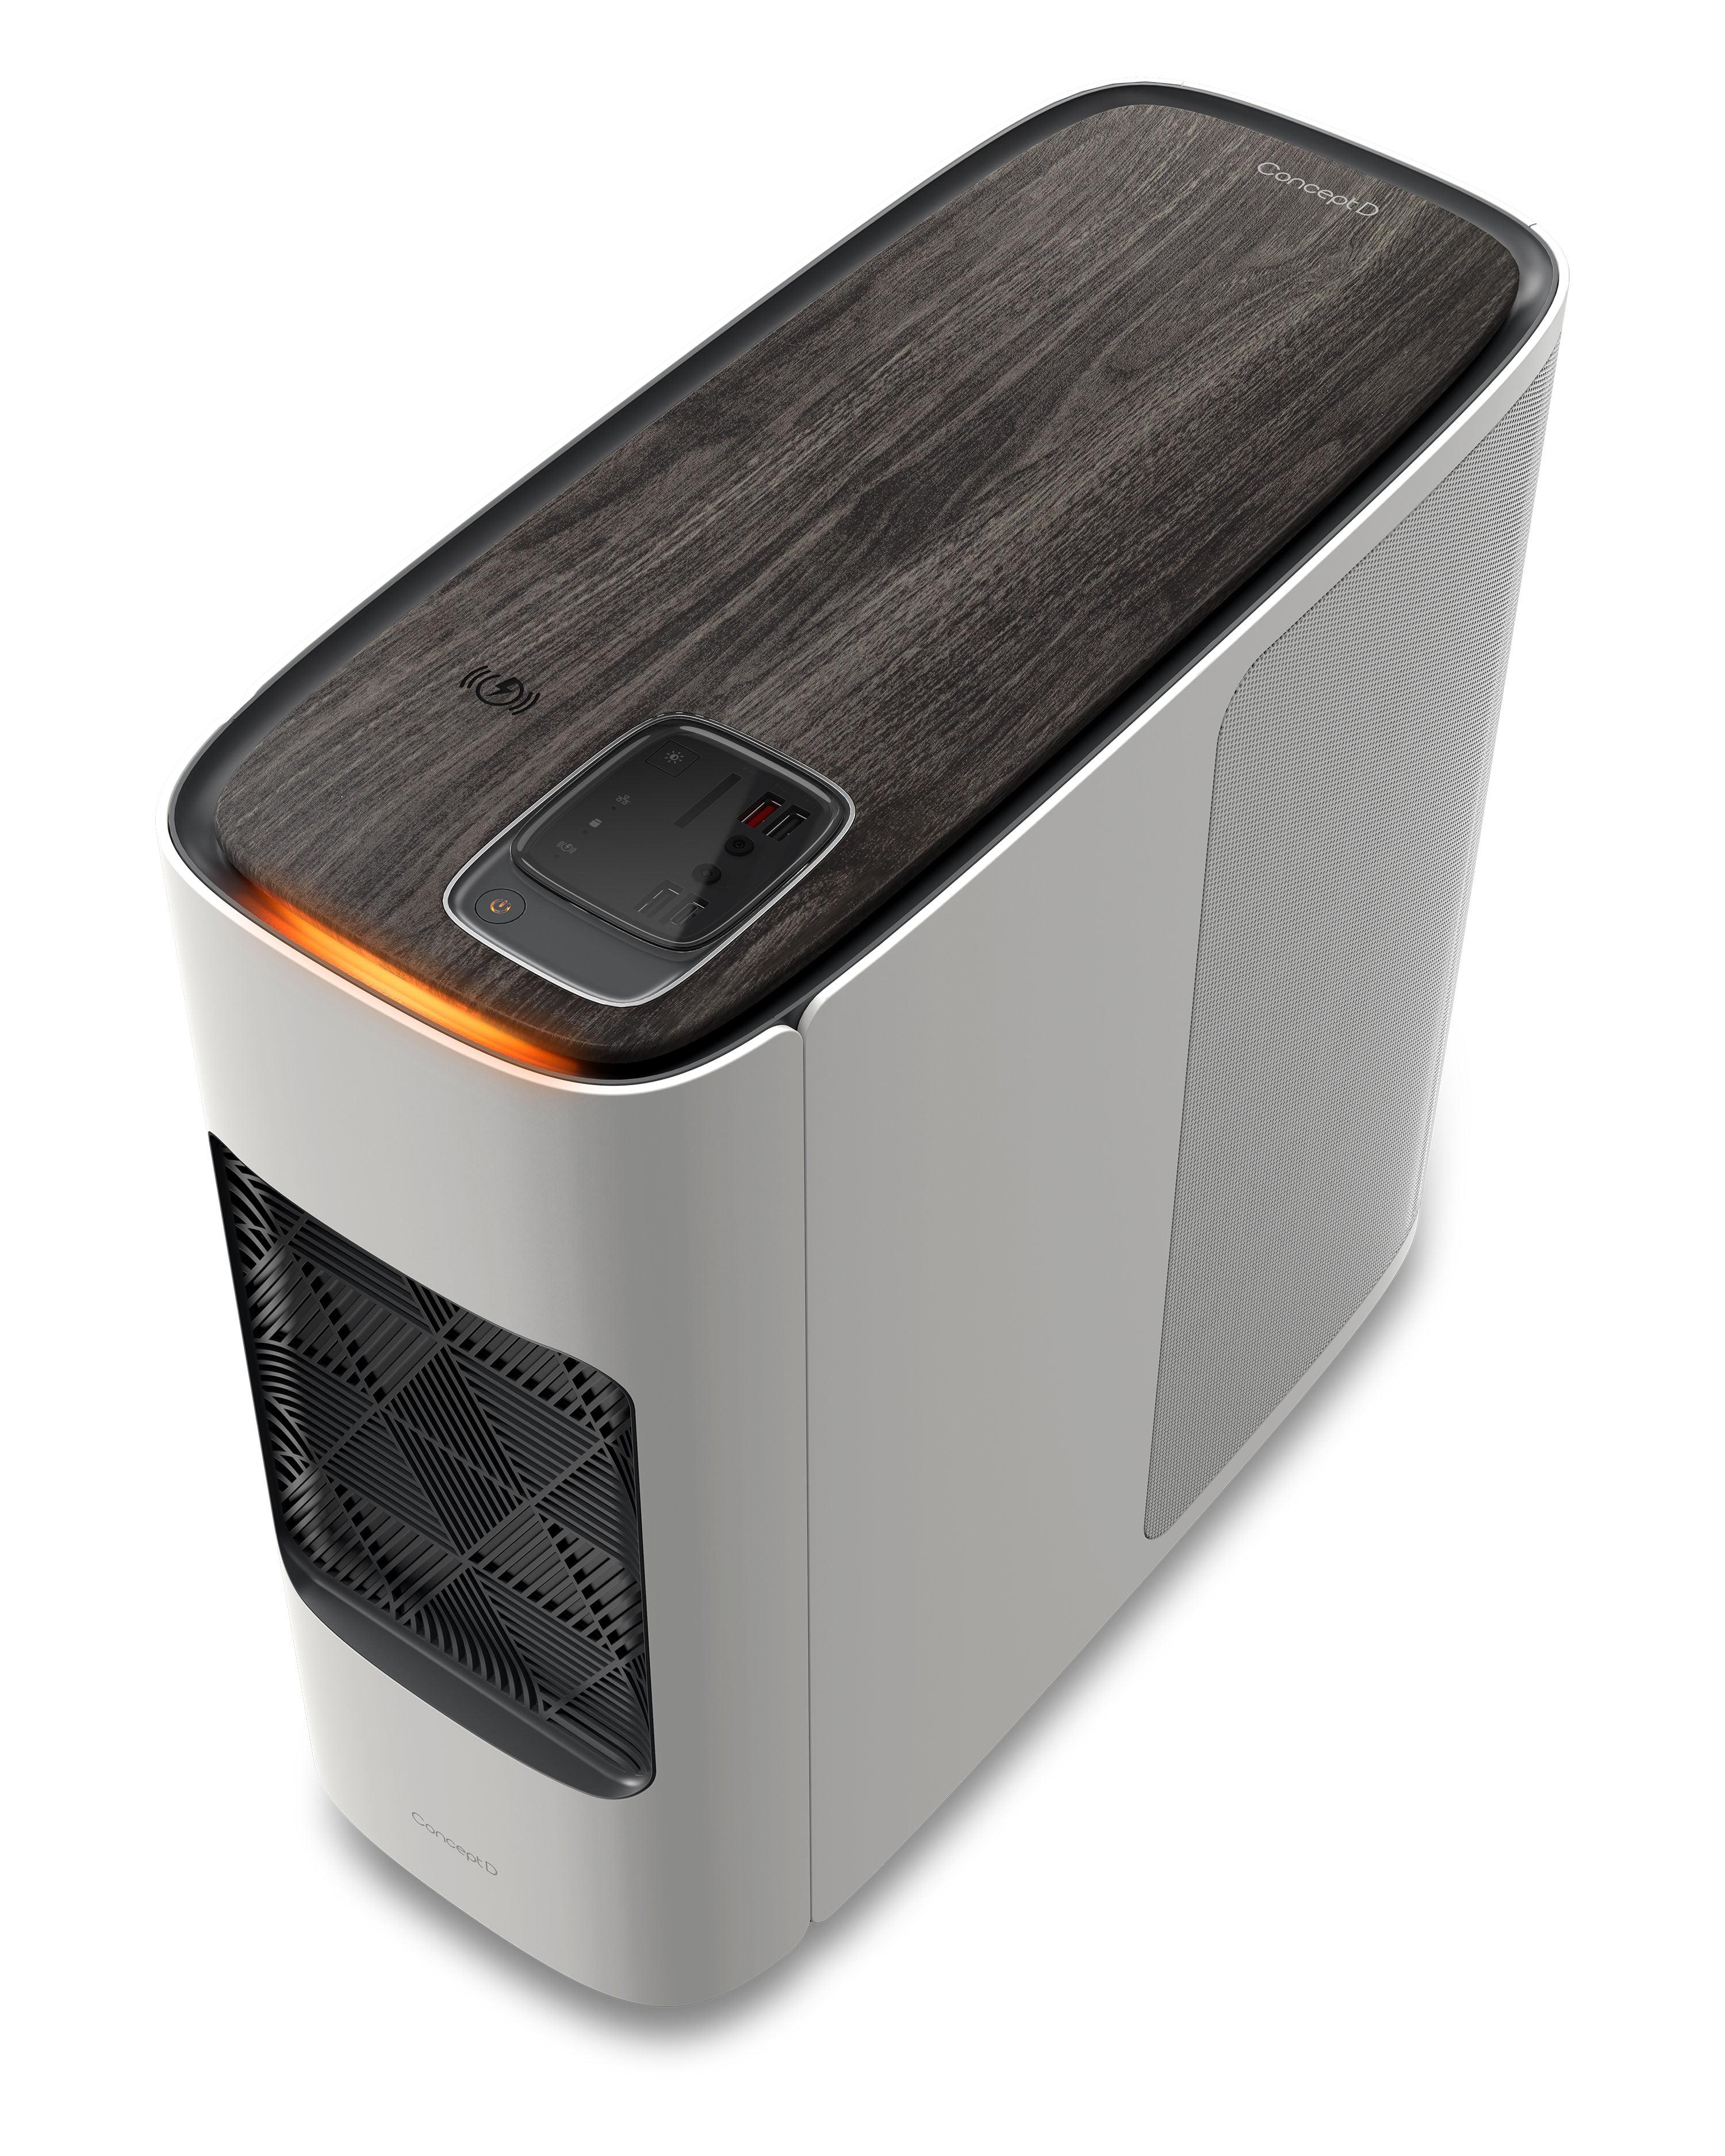 Acer Concept D 700